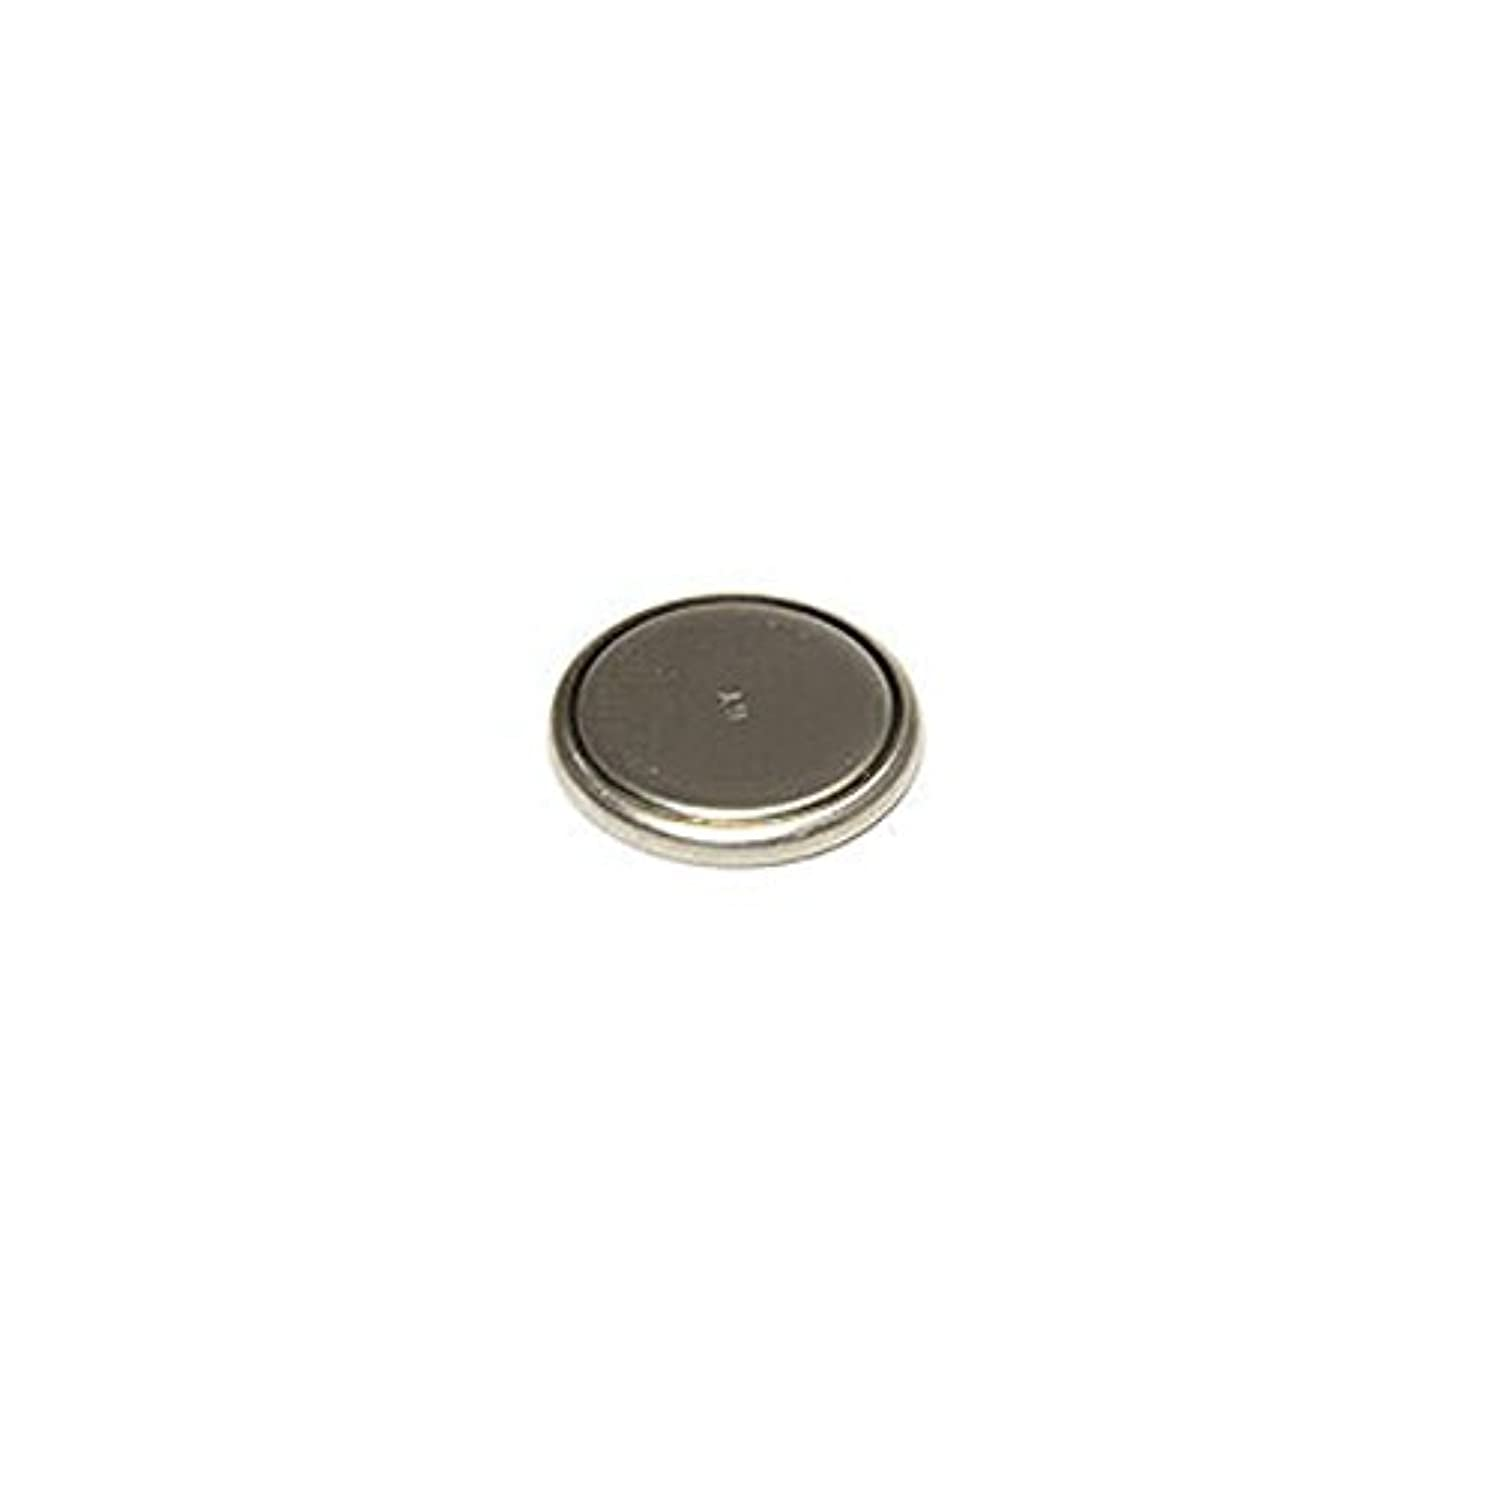 穴サイレントペリスコープキャットアイ(CAT EYE) リチウム電池 CR1620 サイクルコンピュータ STRADA CADENCE CC-RD310W専用 1696180